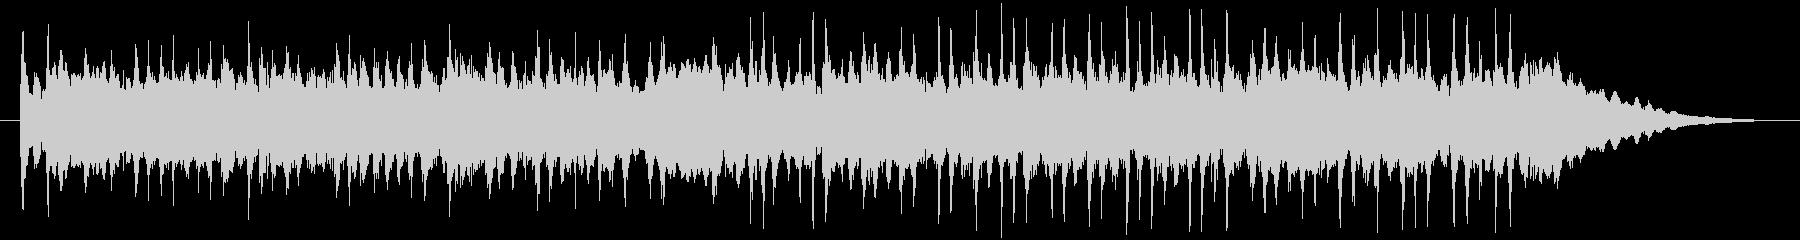 アコギメインのほのぼの曲の未再生の波形